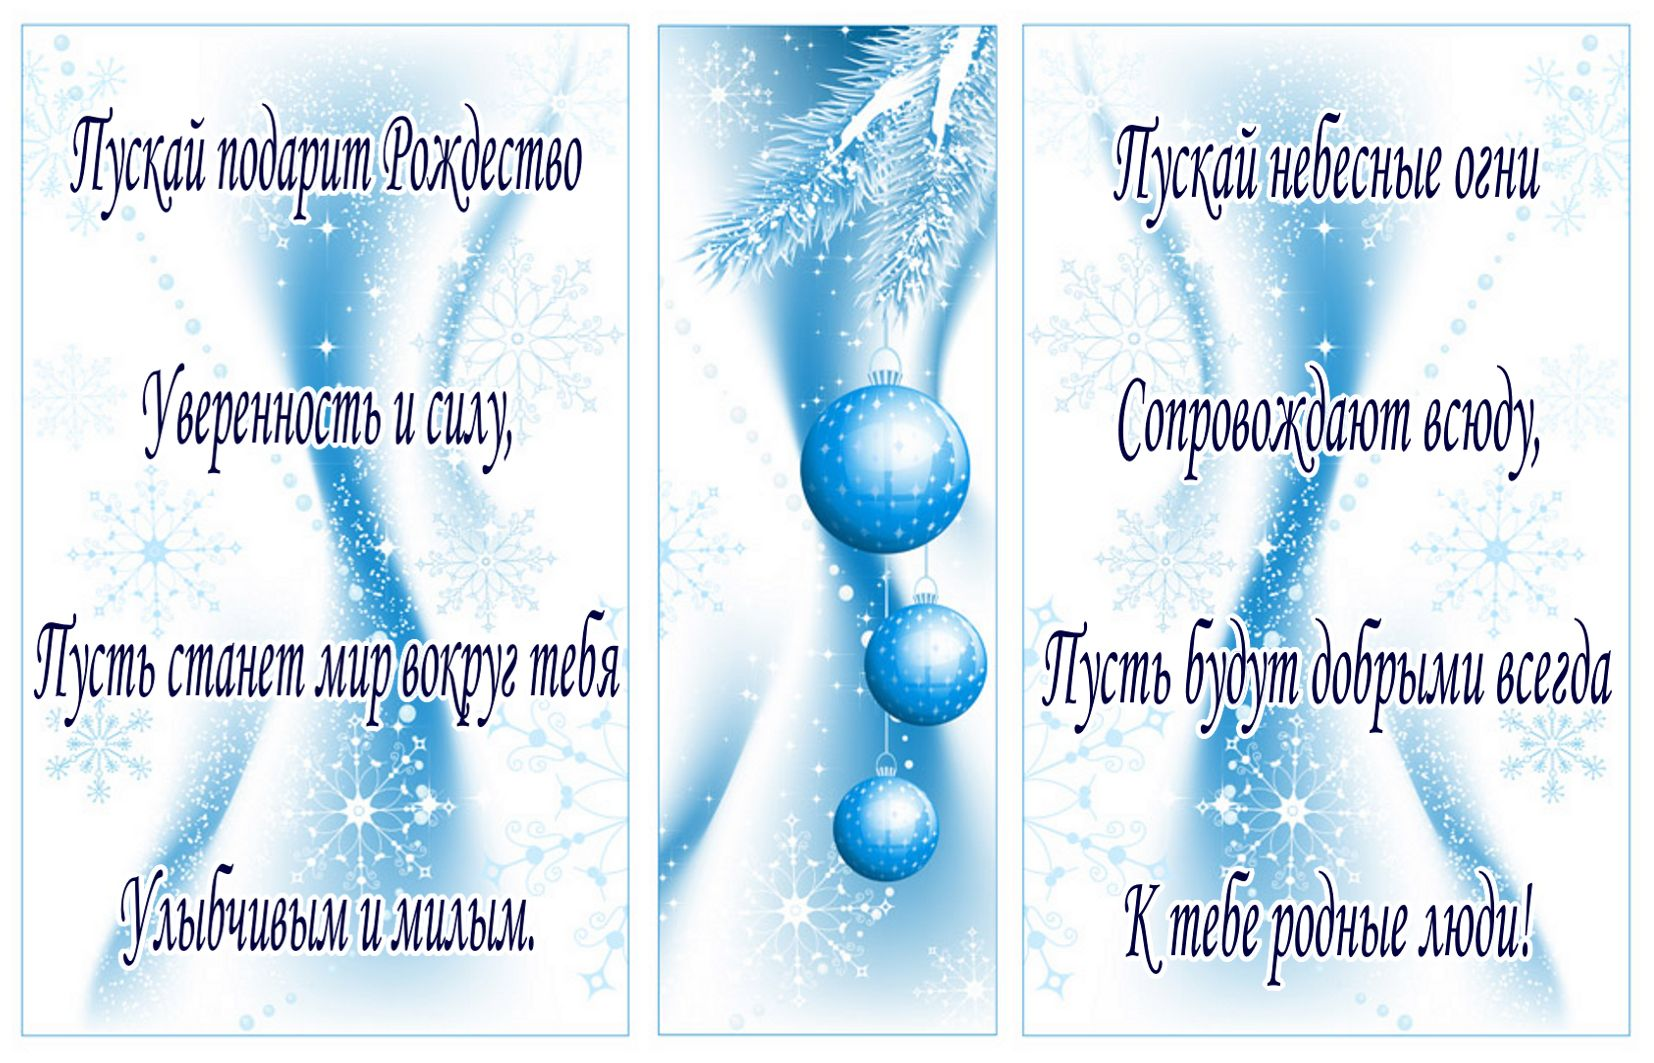 Открытка на Рождество с красивым пожеланием